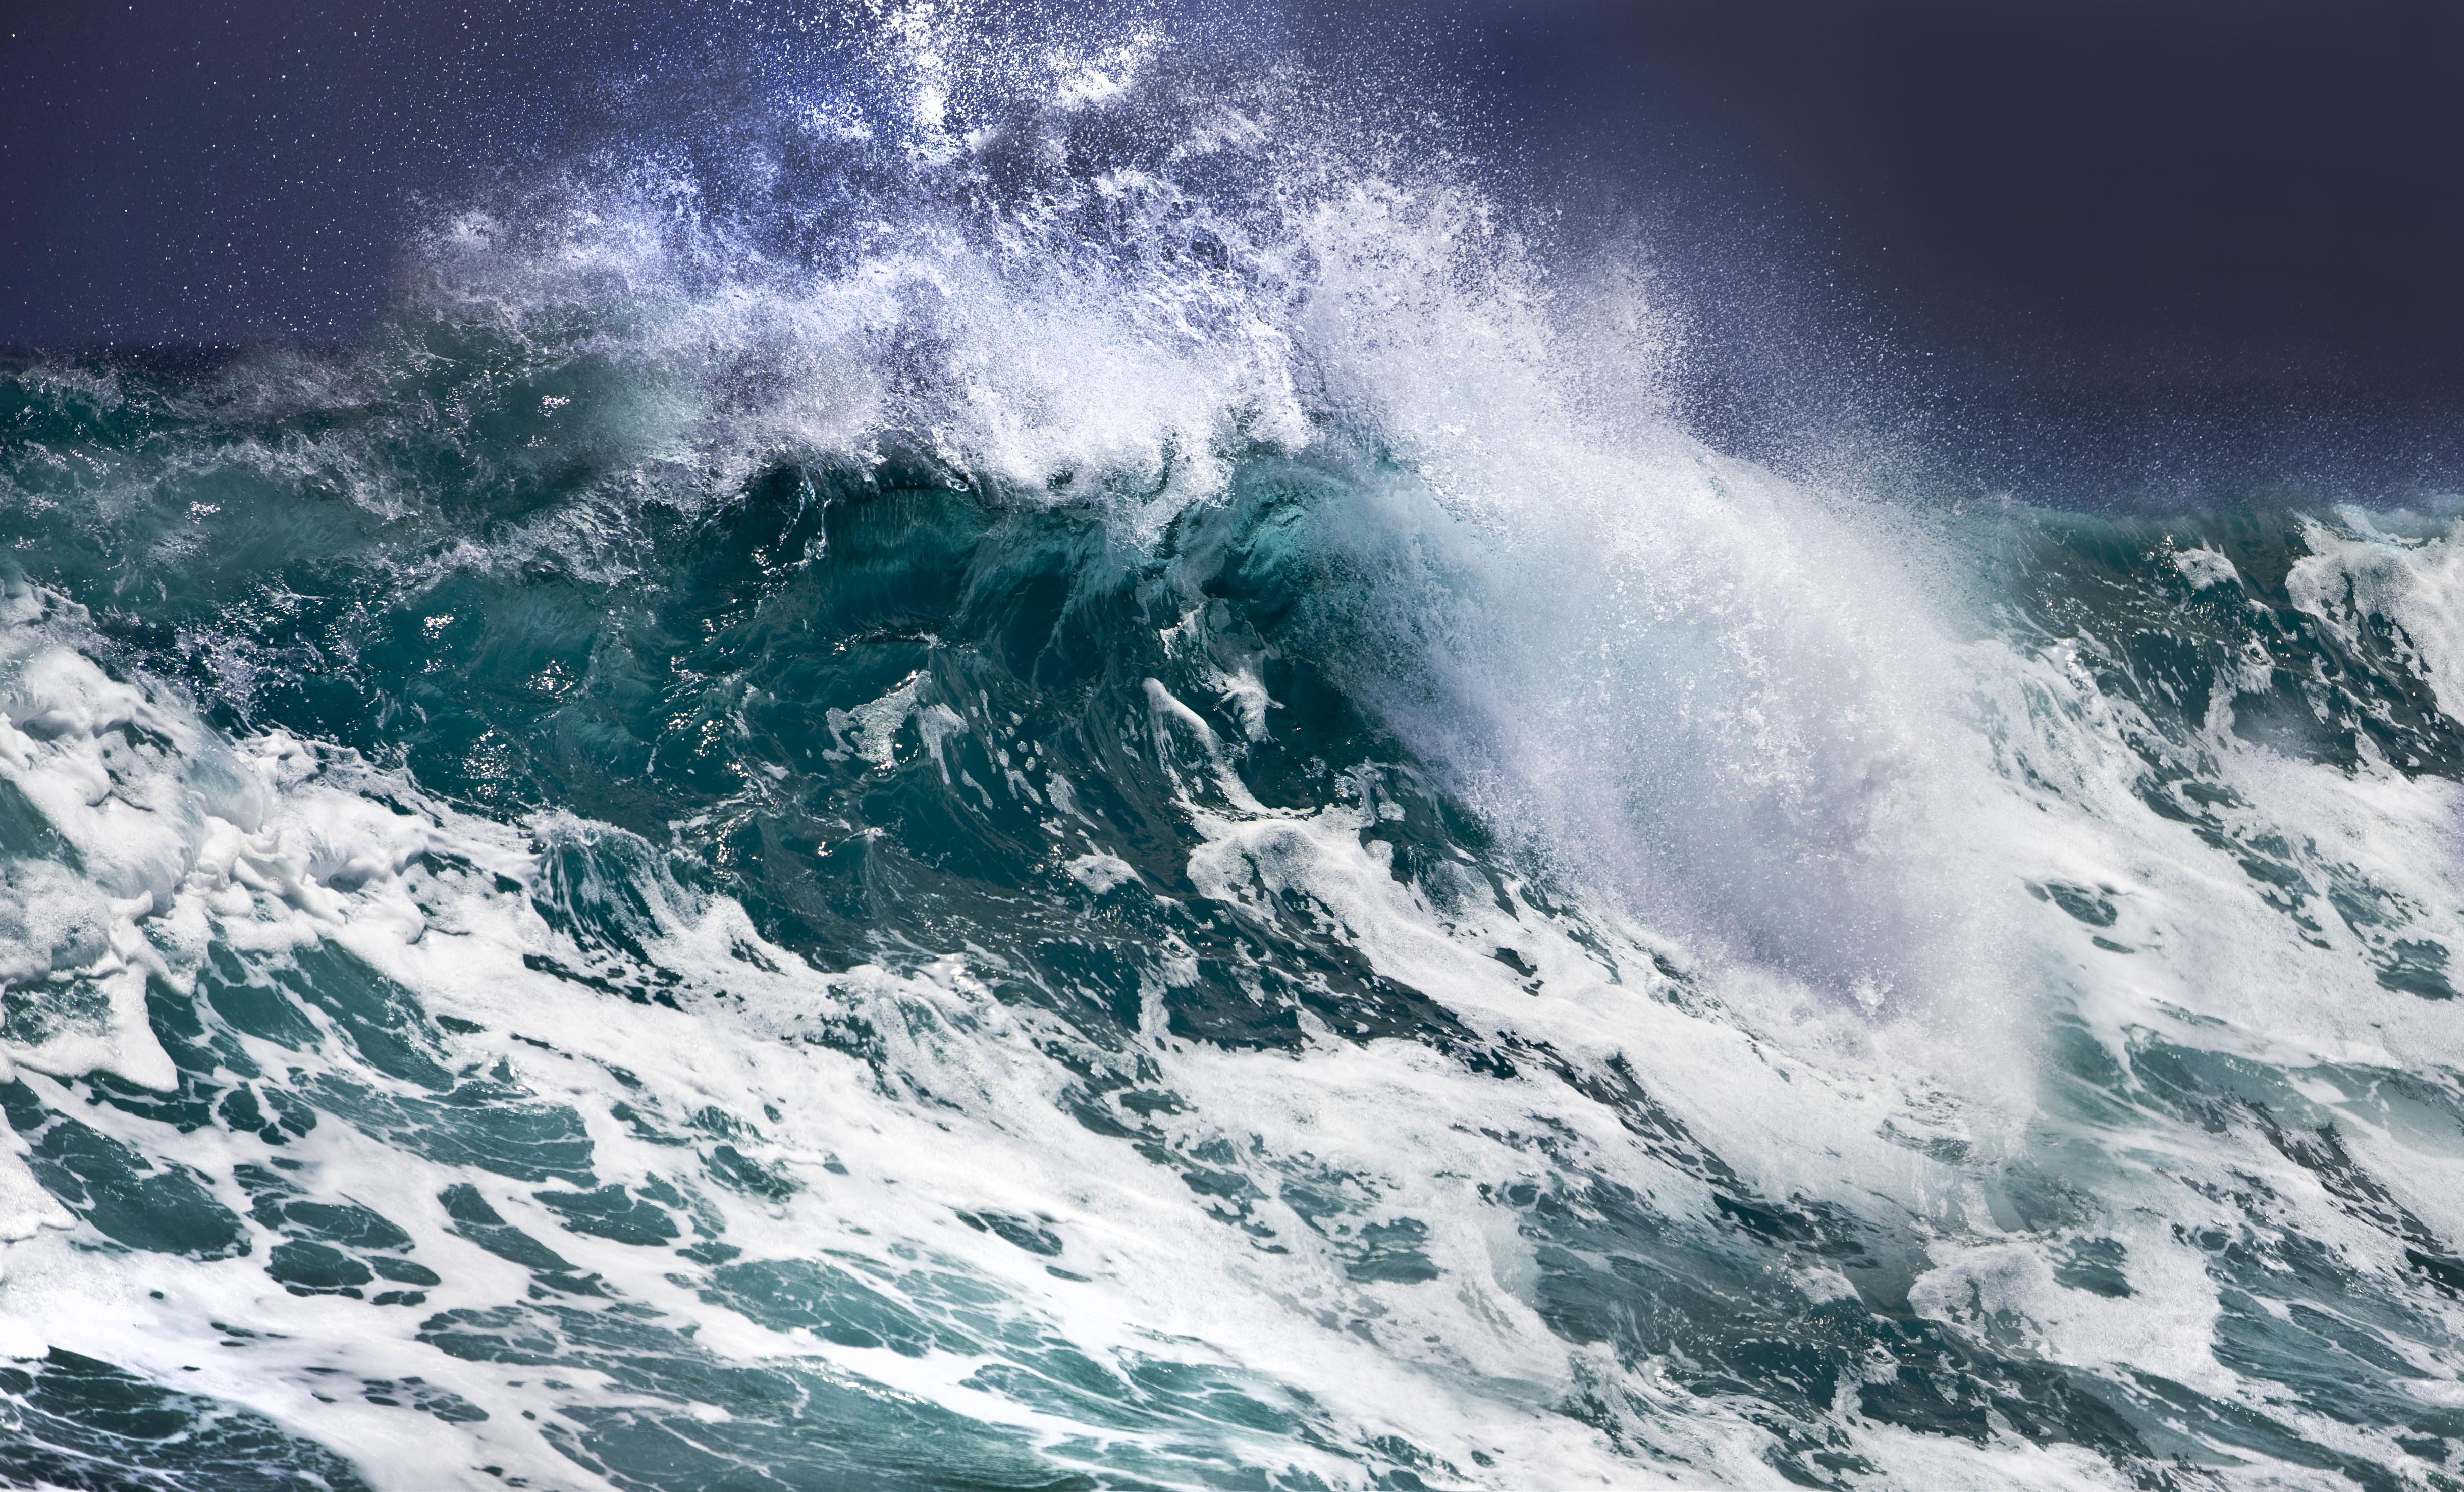 шторм в океане картинка на телефон иглу используют